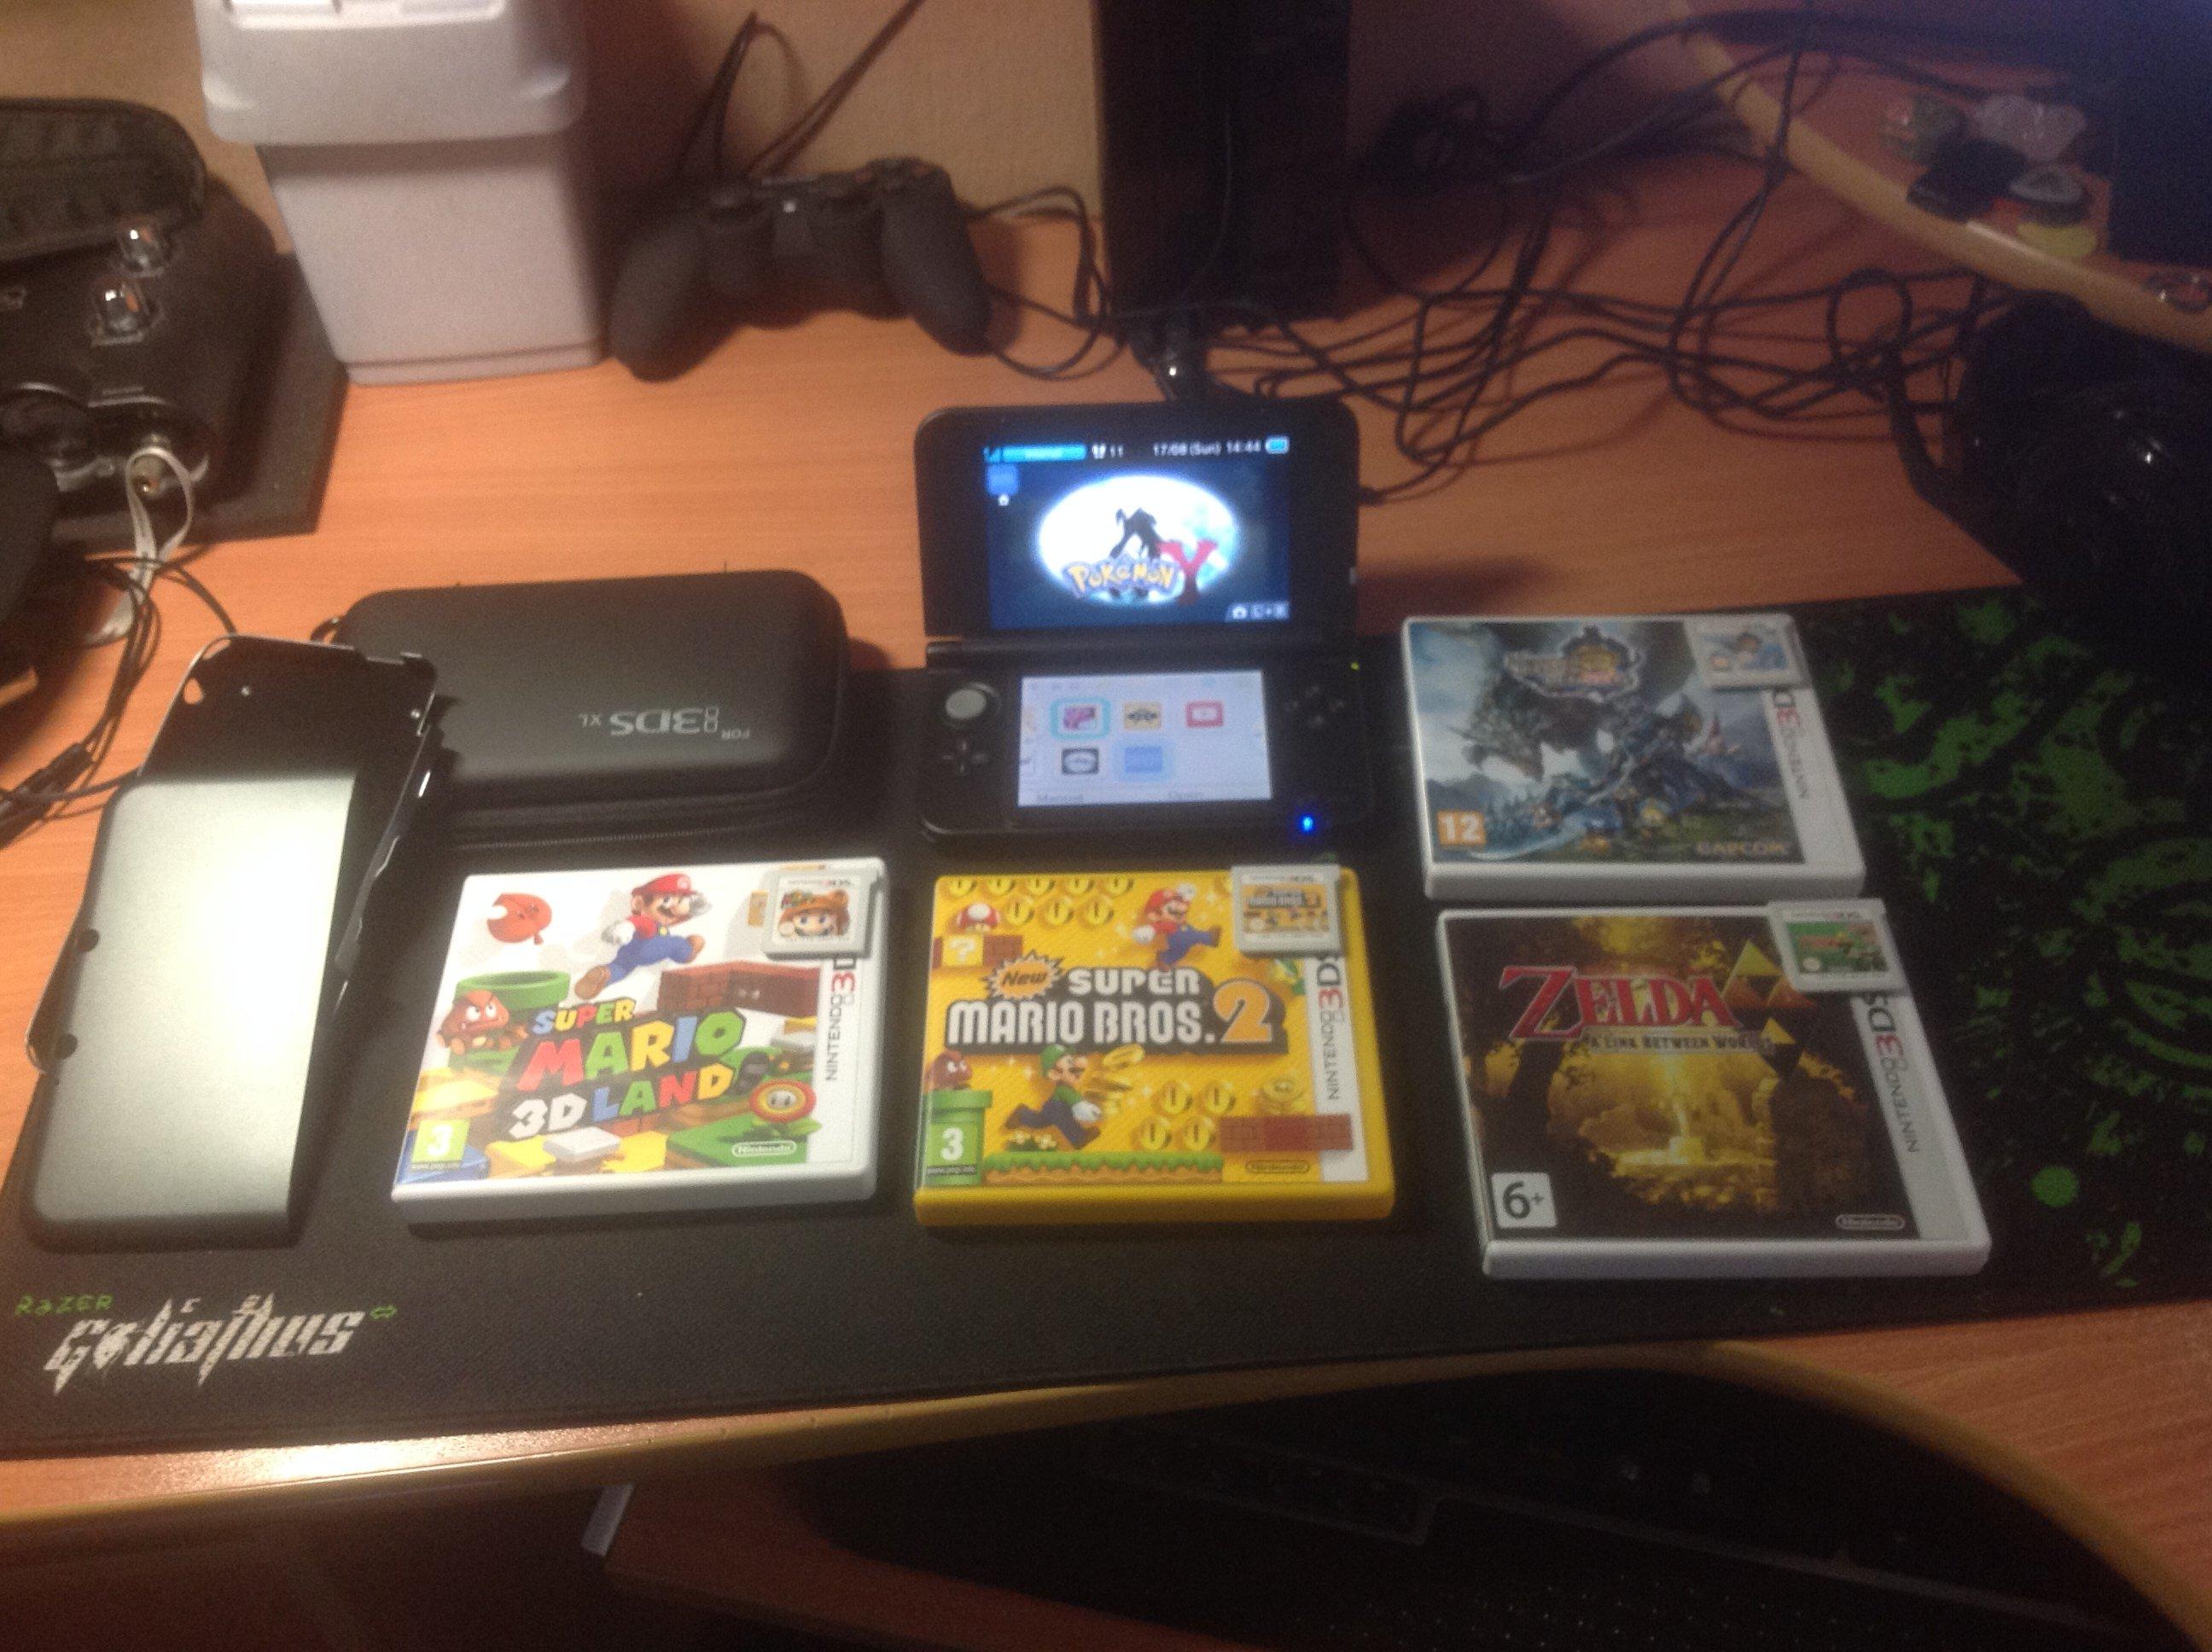 Первые впечатления от Nintendo 3DS. - Изображение 1